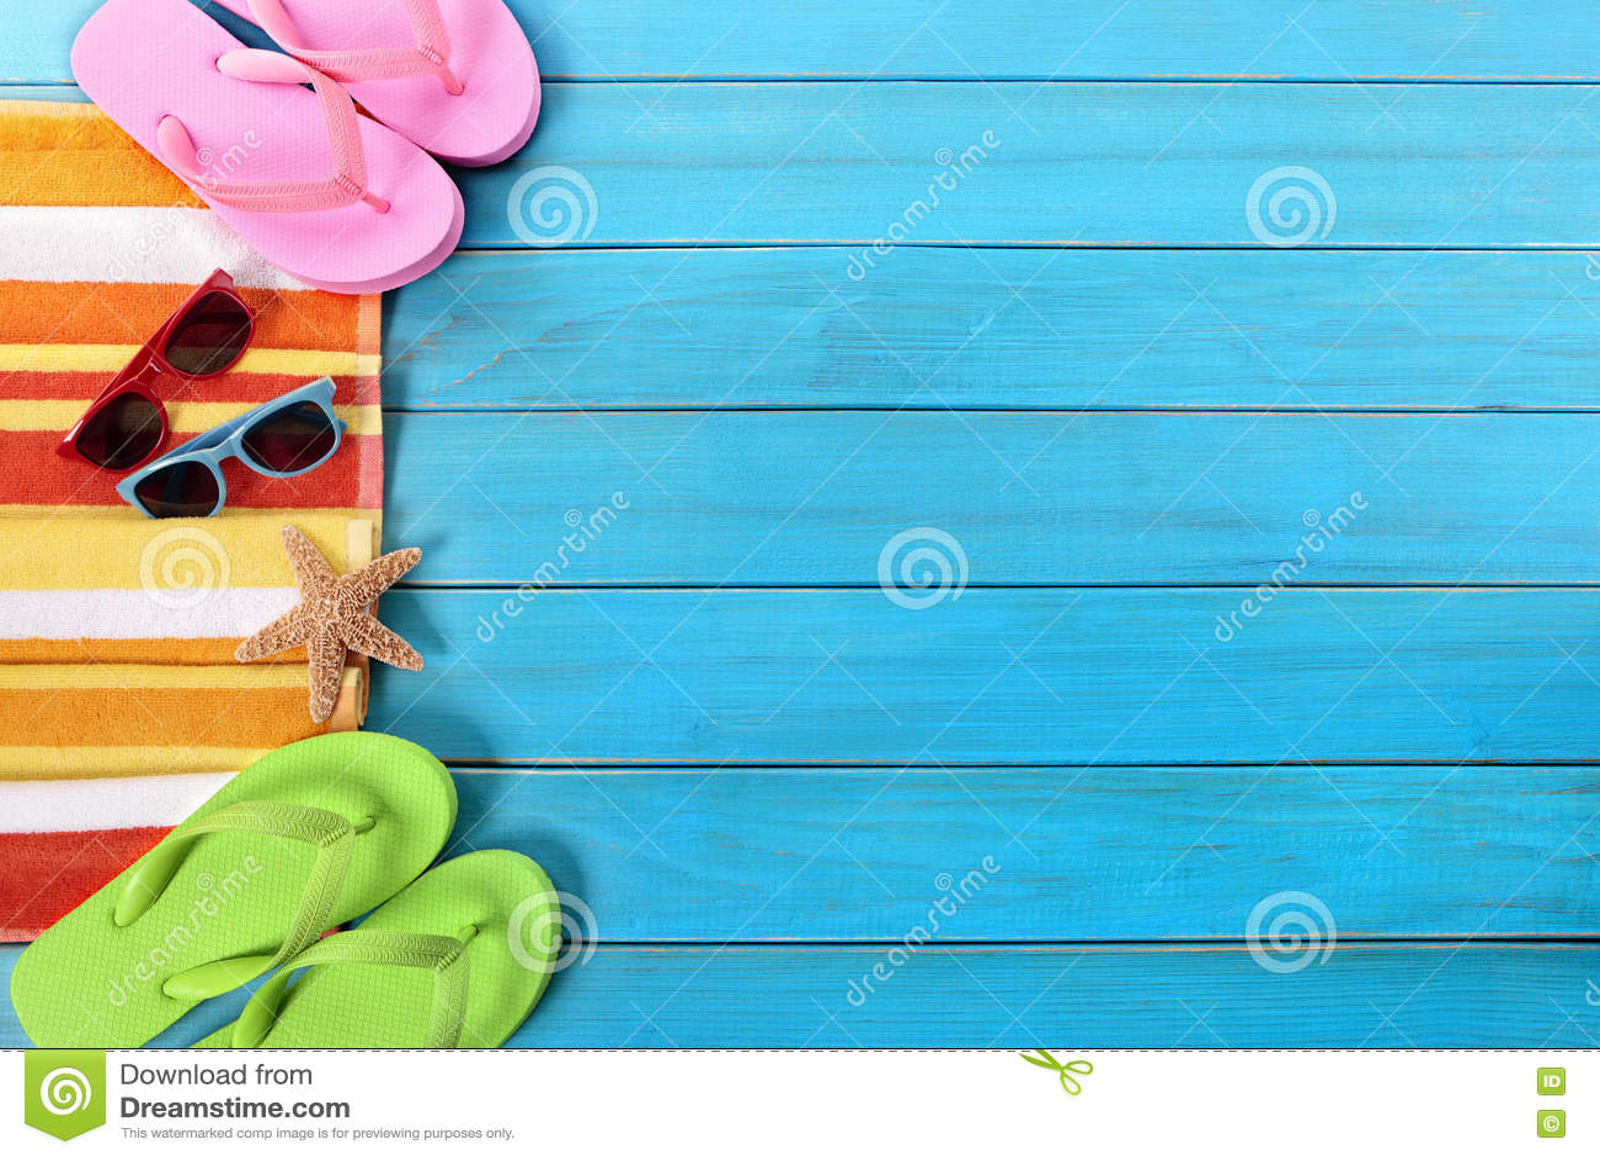 Fondo de la frontera del lado de la playa del verano, gafas de sol, chancletas, espacio de la copia